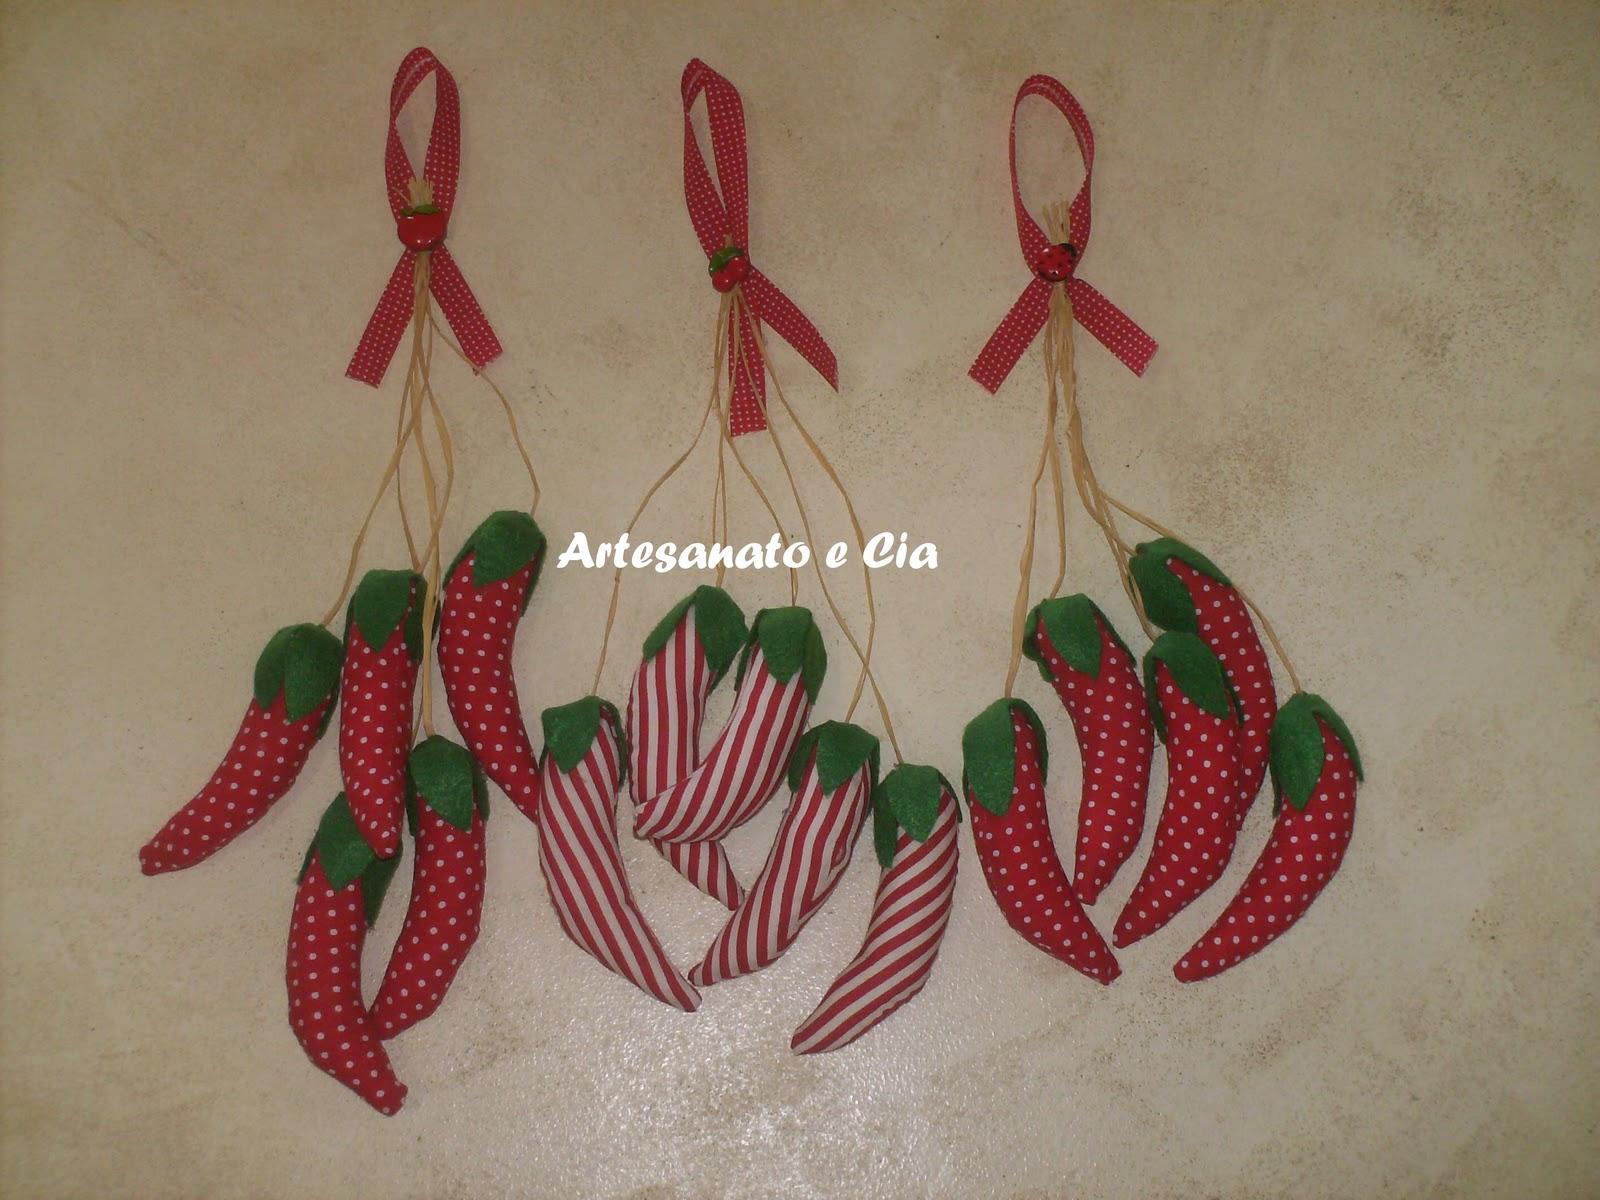 Loja Artesanato Rio De Janeiro ~ Artesanato e Cia Pimentas em tecido ou feltro (penquinhas) molde